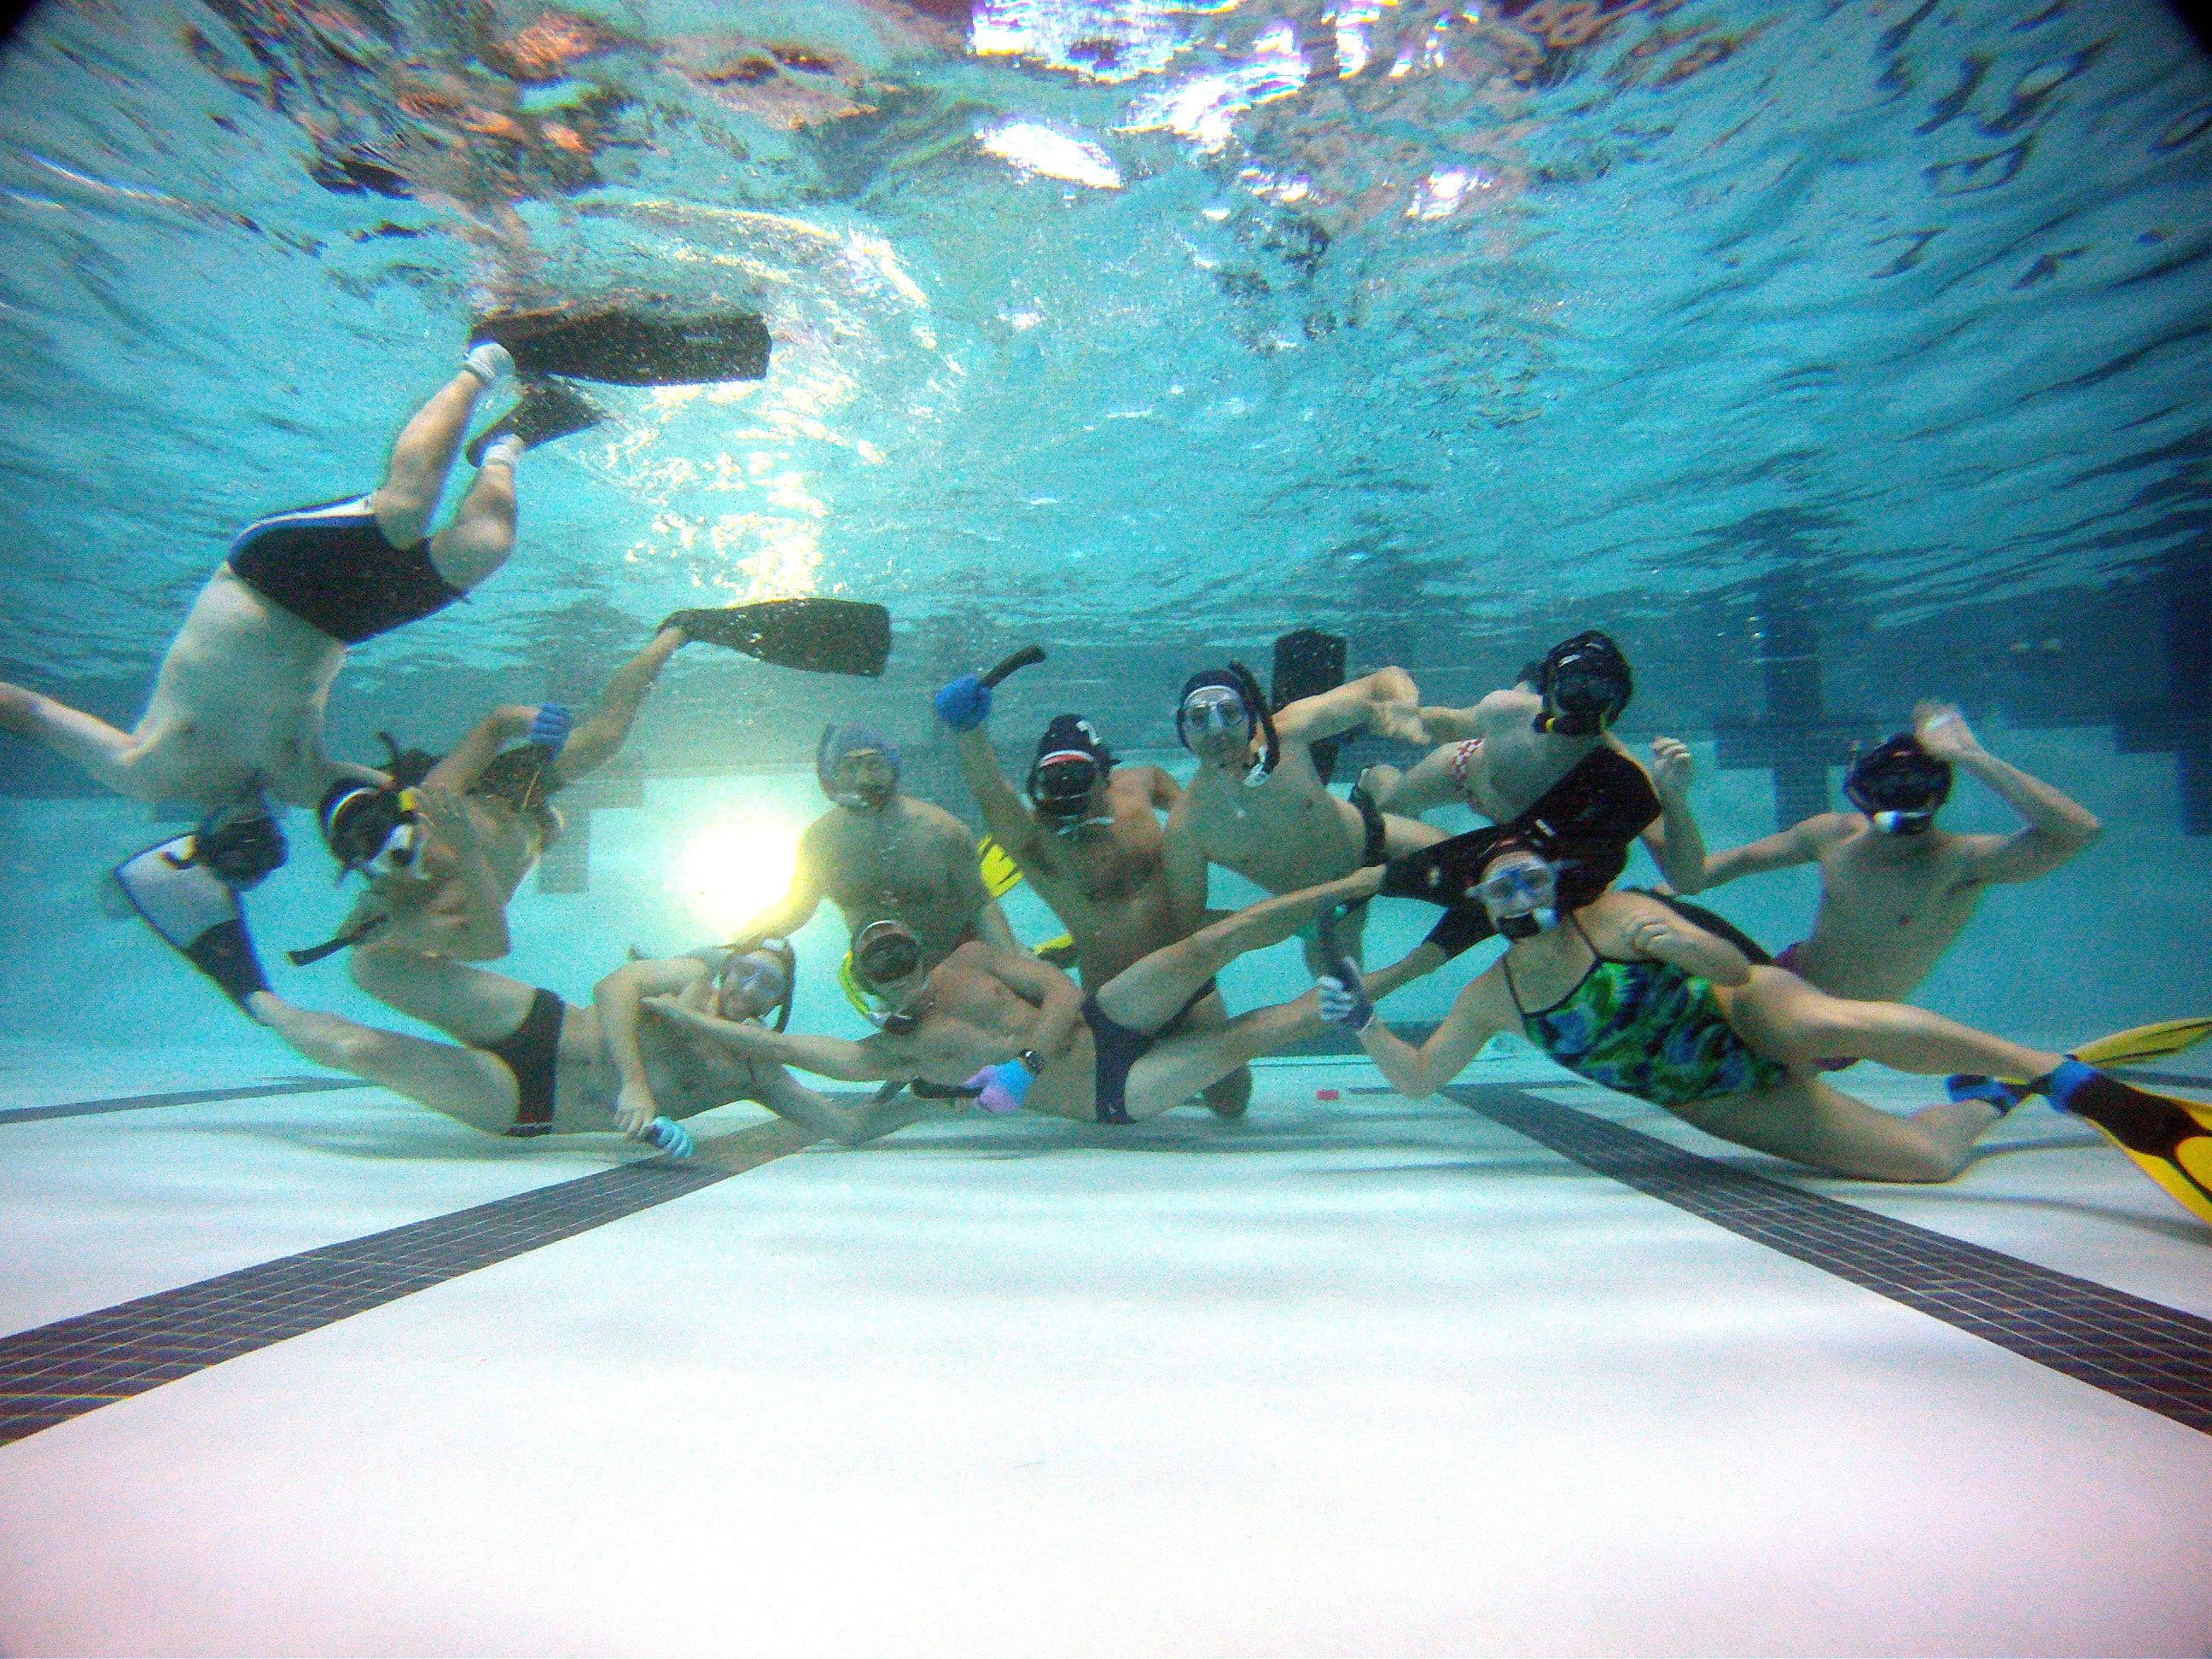 Underwater Hockey Practice